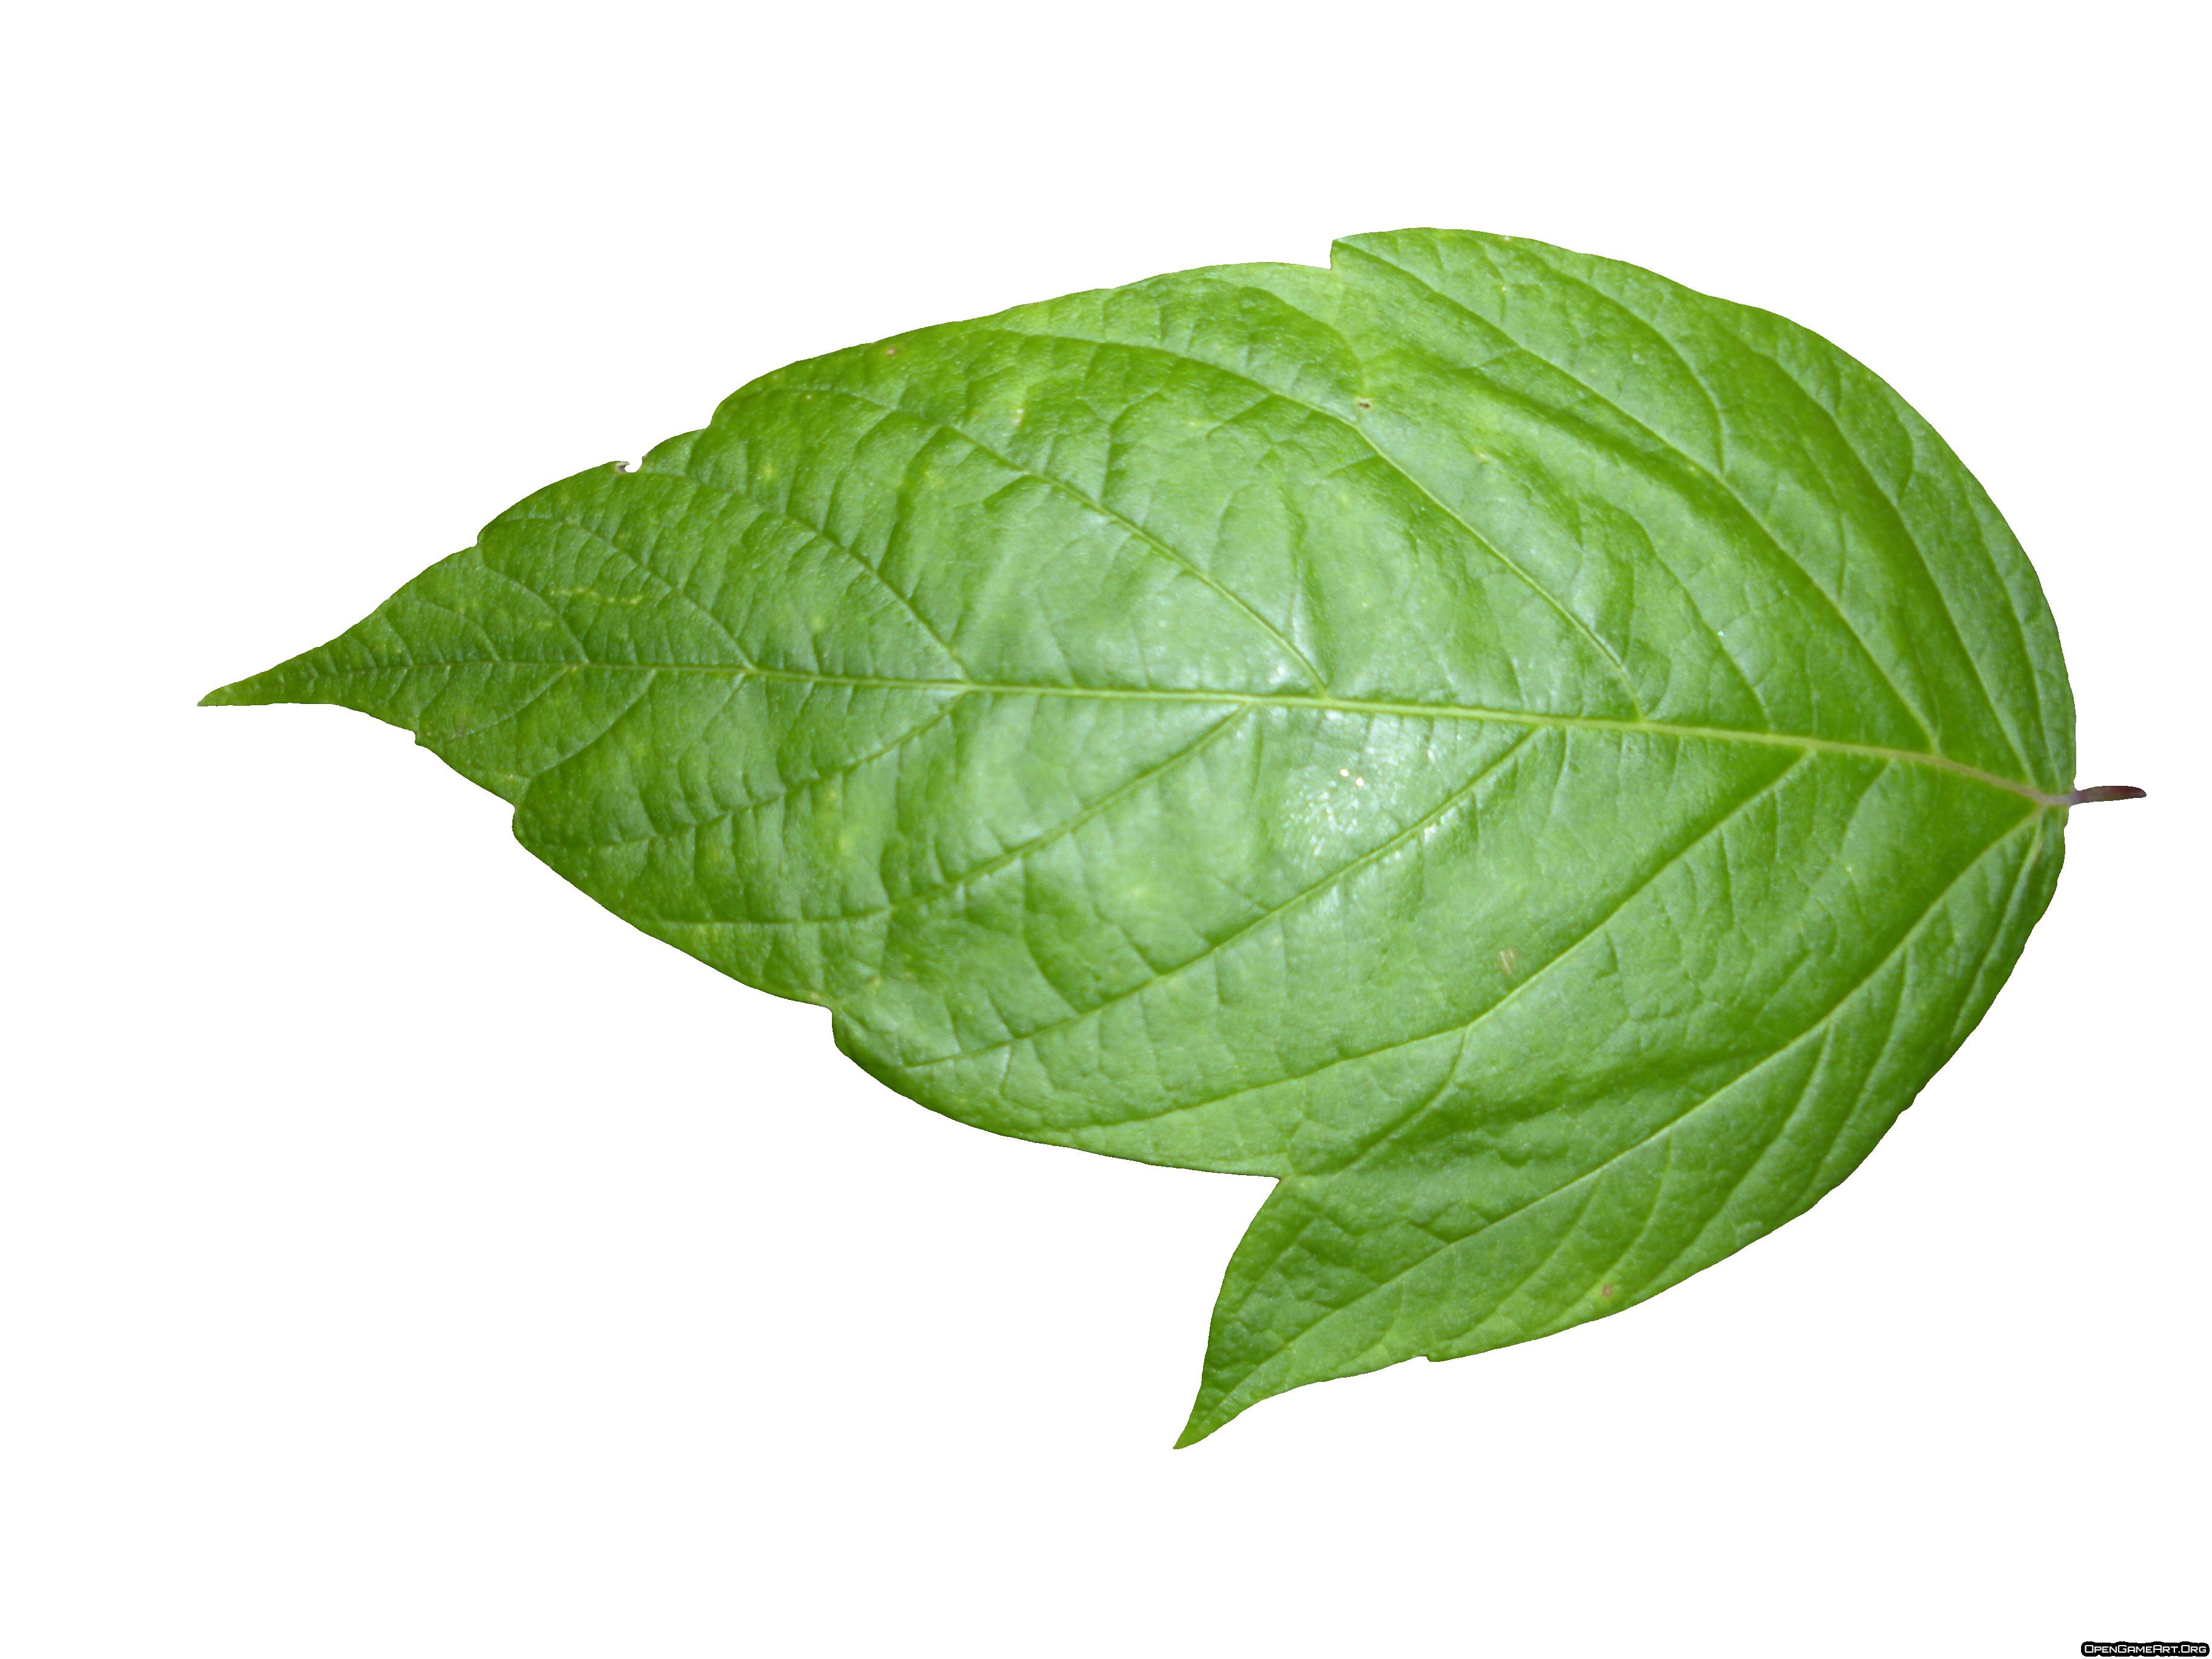 Leaf Png image #38611